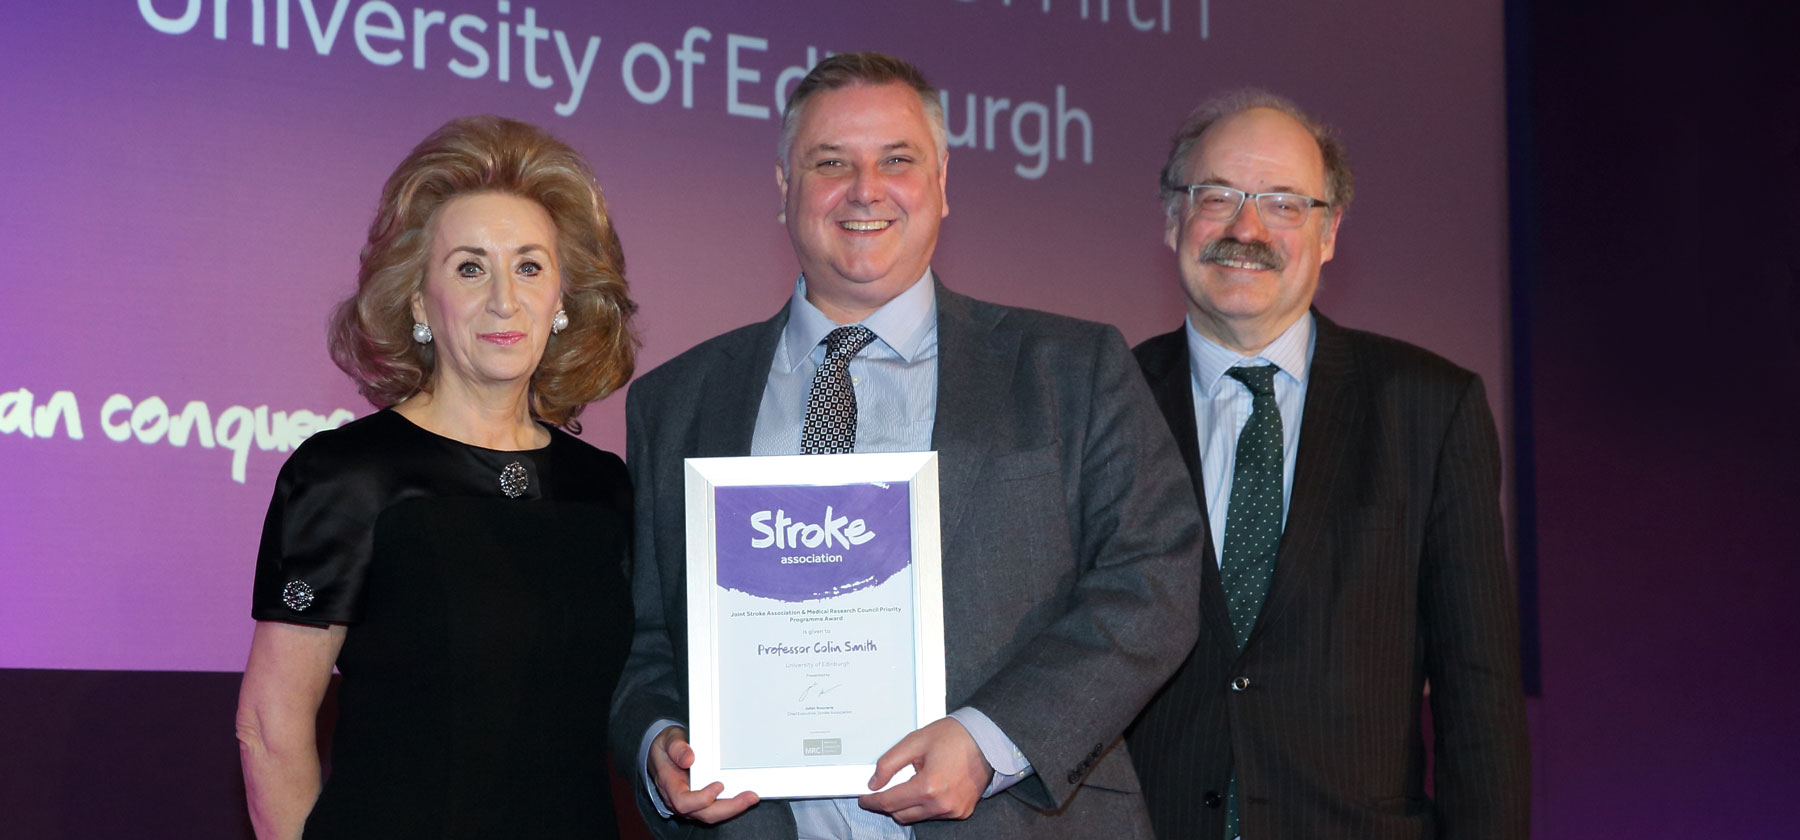 Photo of professor Colin Smith